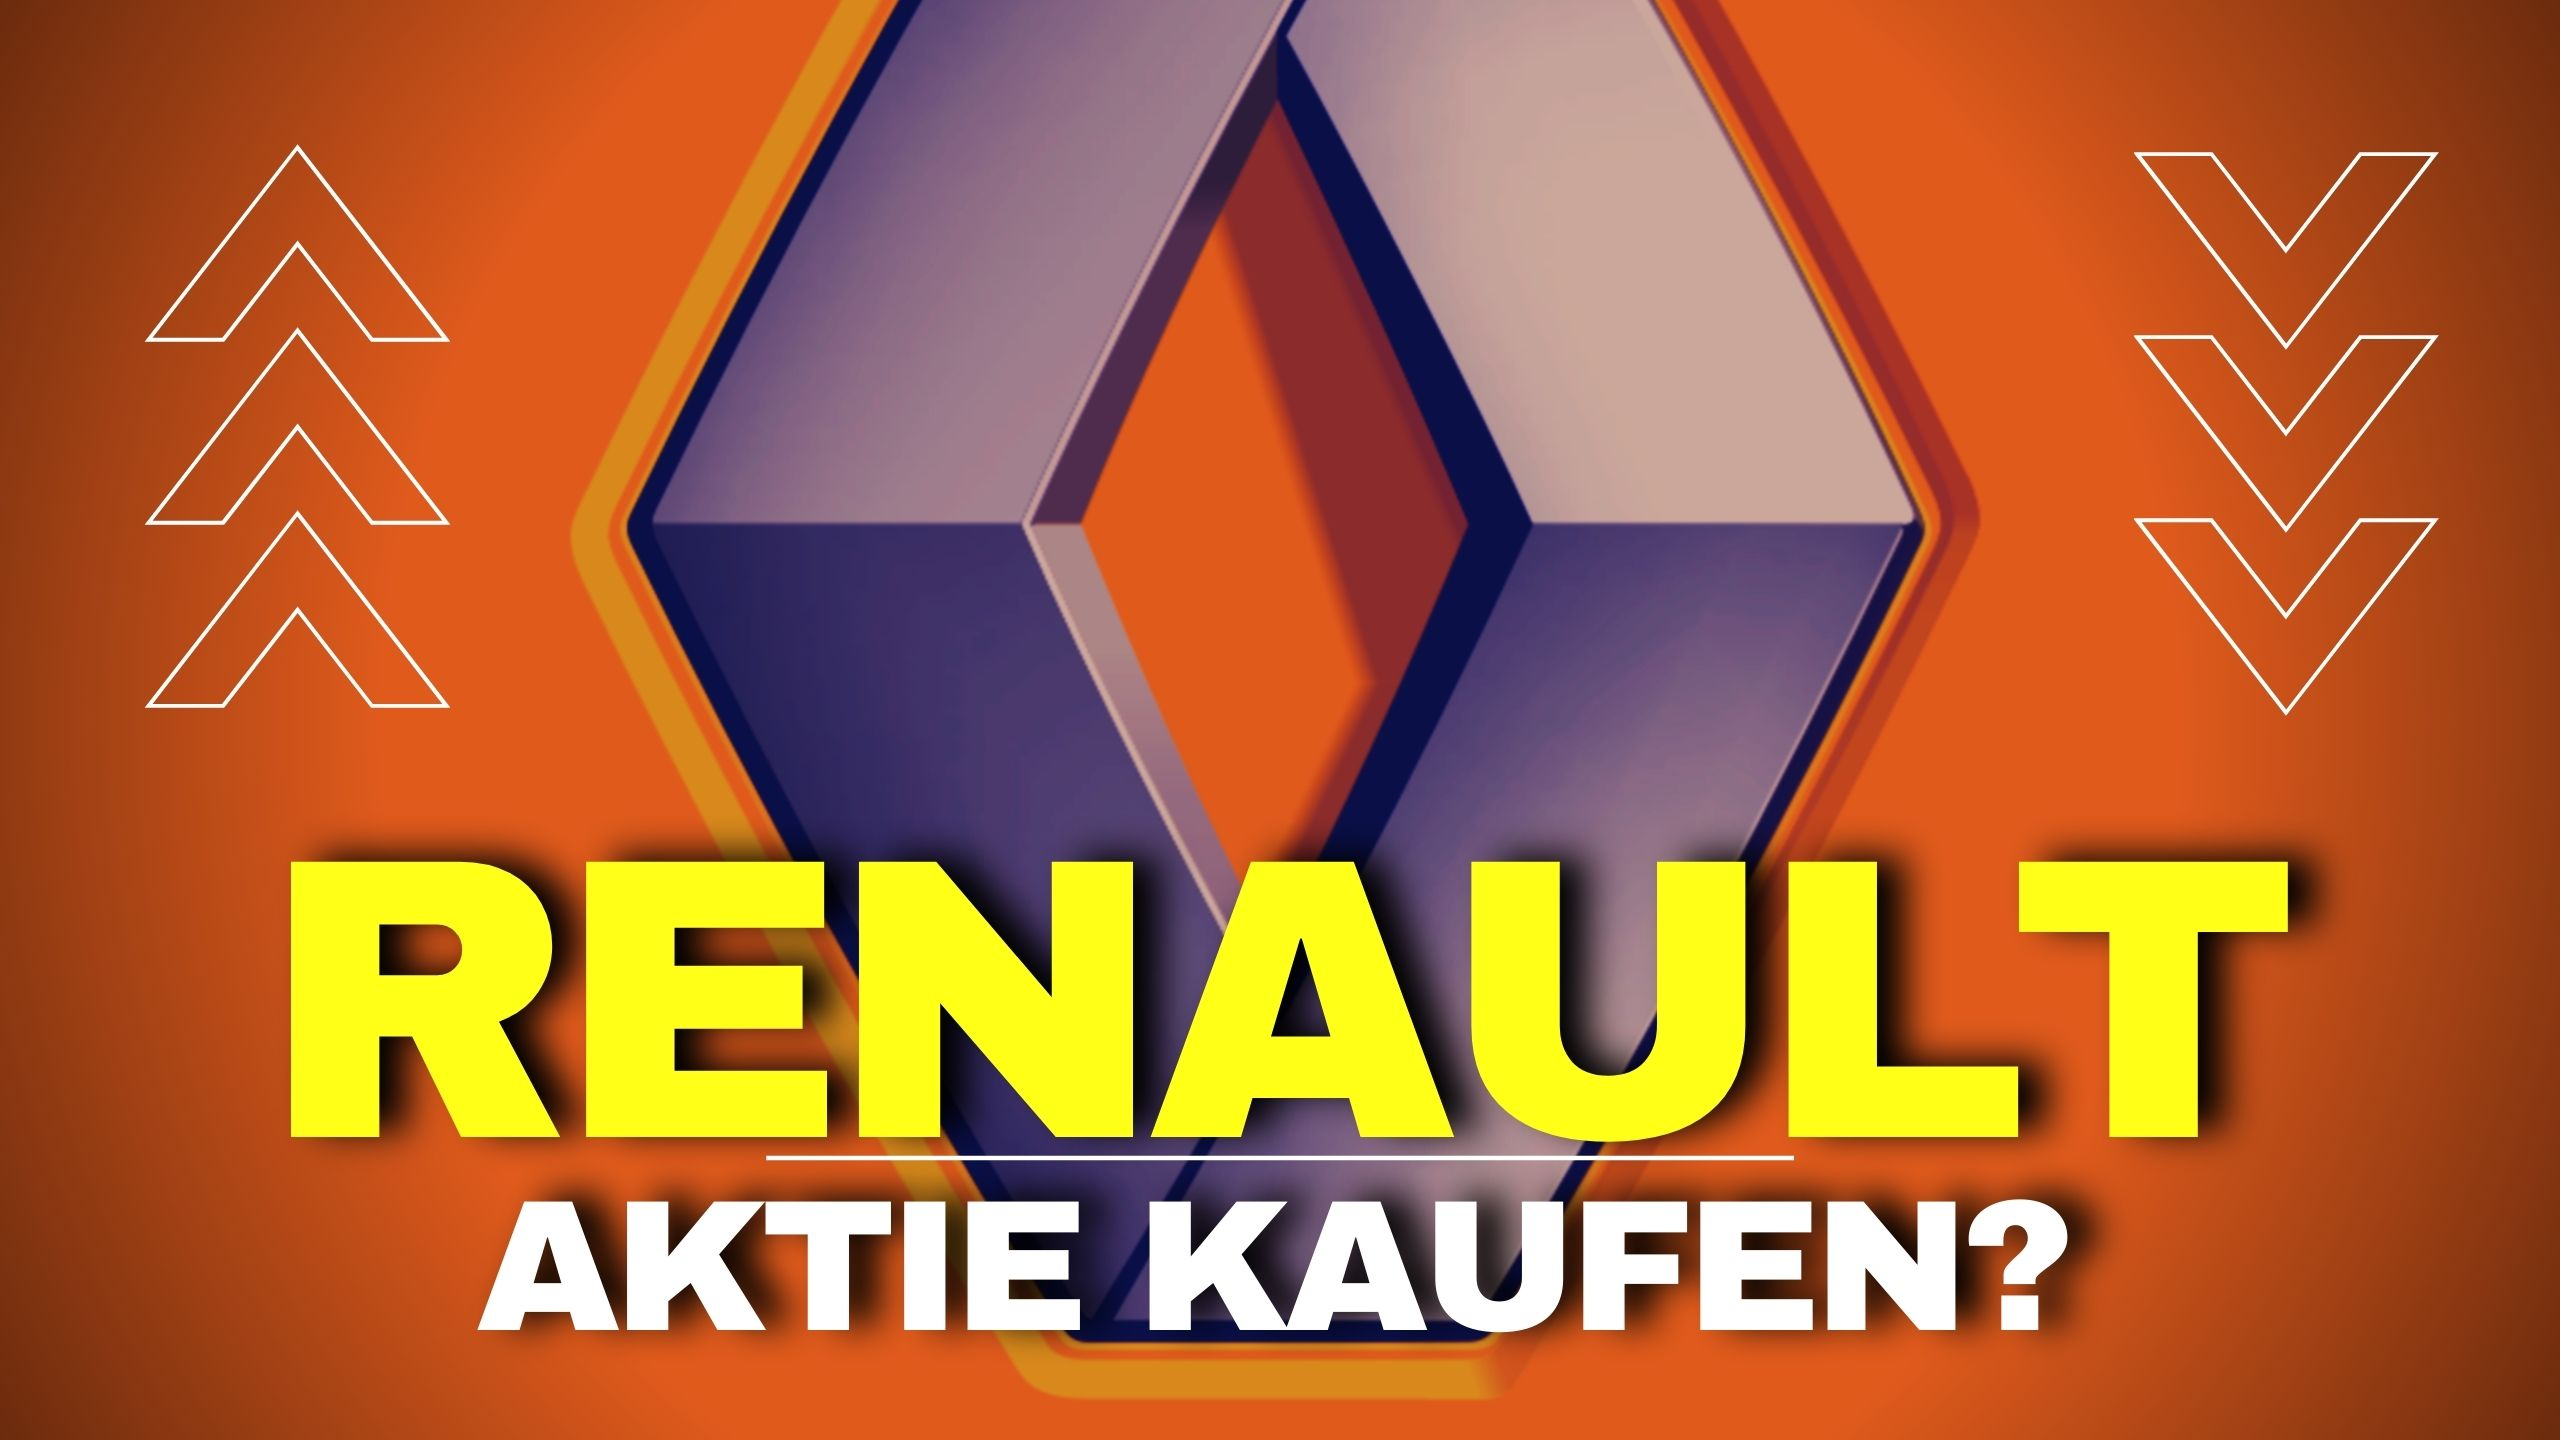 Renault Aktie kaufen